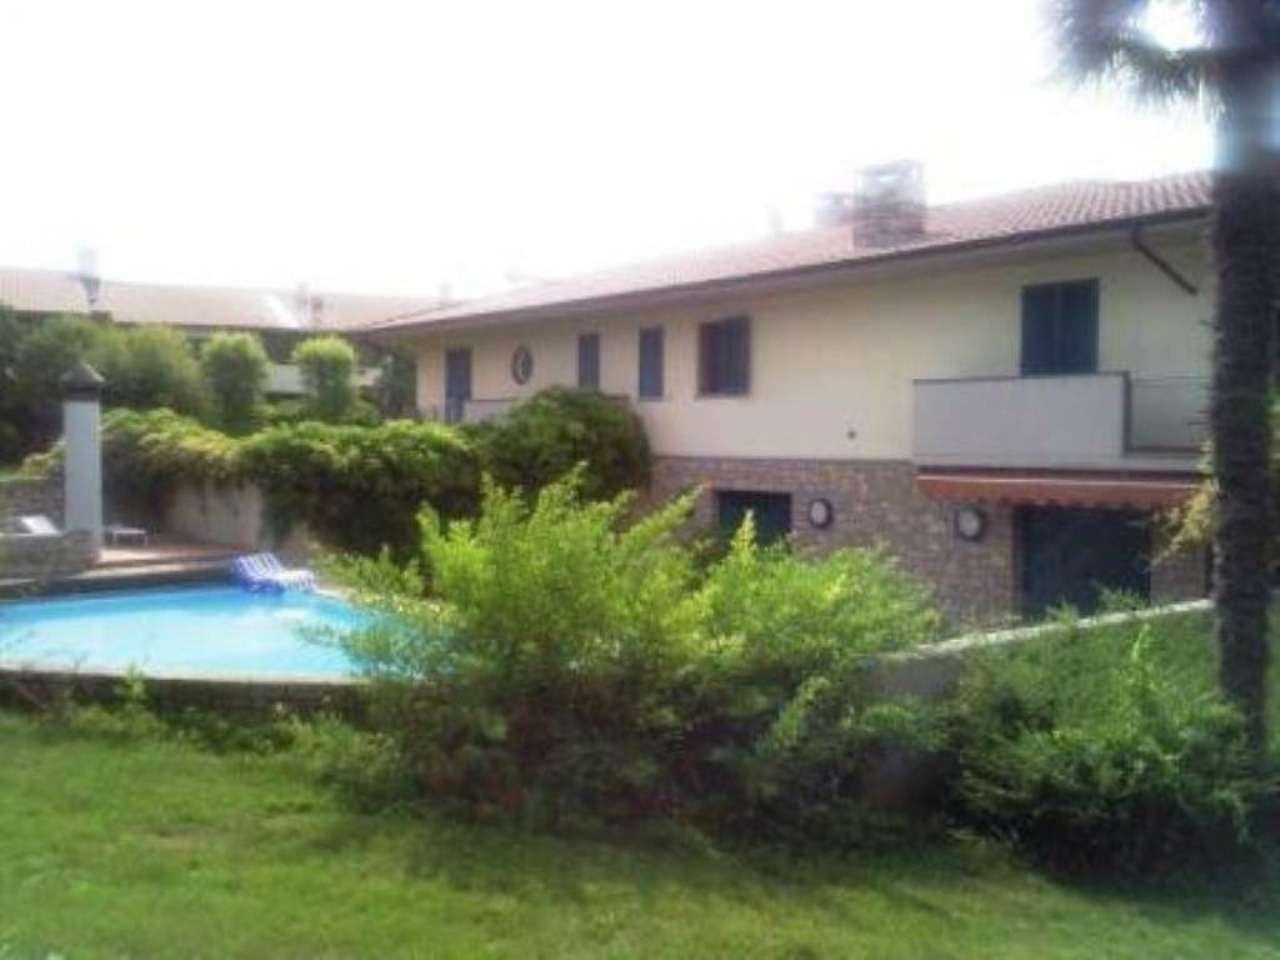 Villa in vendita a Romano di Lombardia, 5 locali, Trattative riservate | Cambio Casa.it